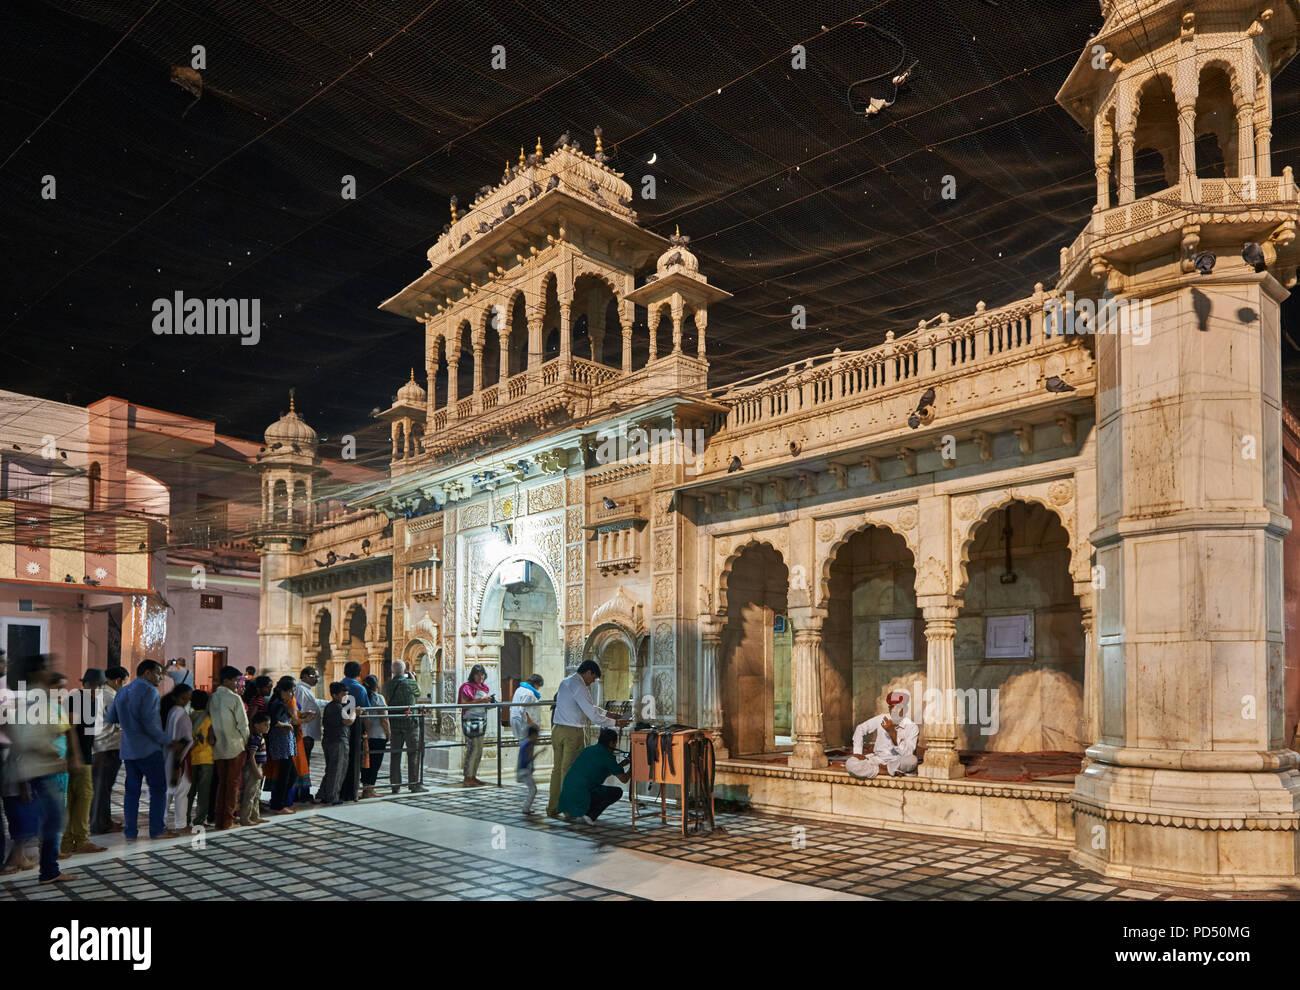 Tempel von Ratten, Karni Mata Tempel, Deshnoke, Rajasthan, Indien Stockbild